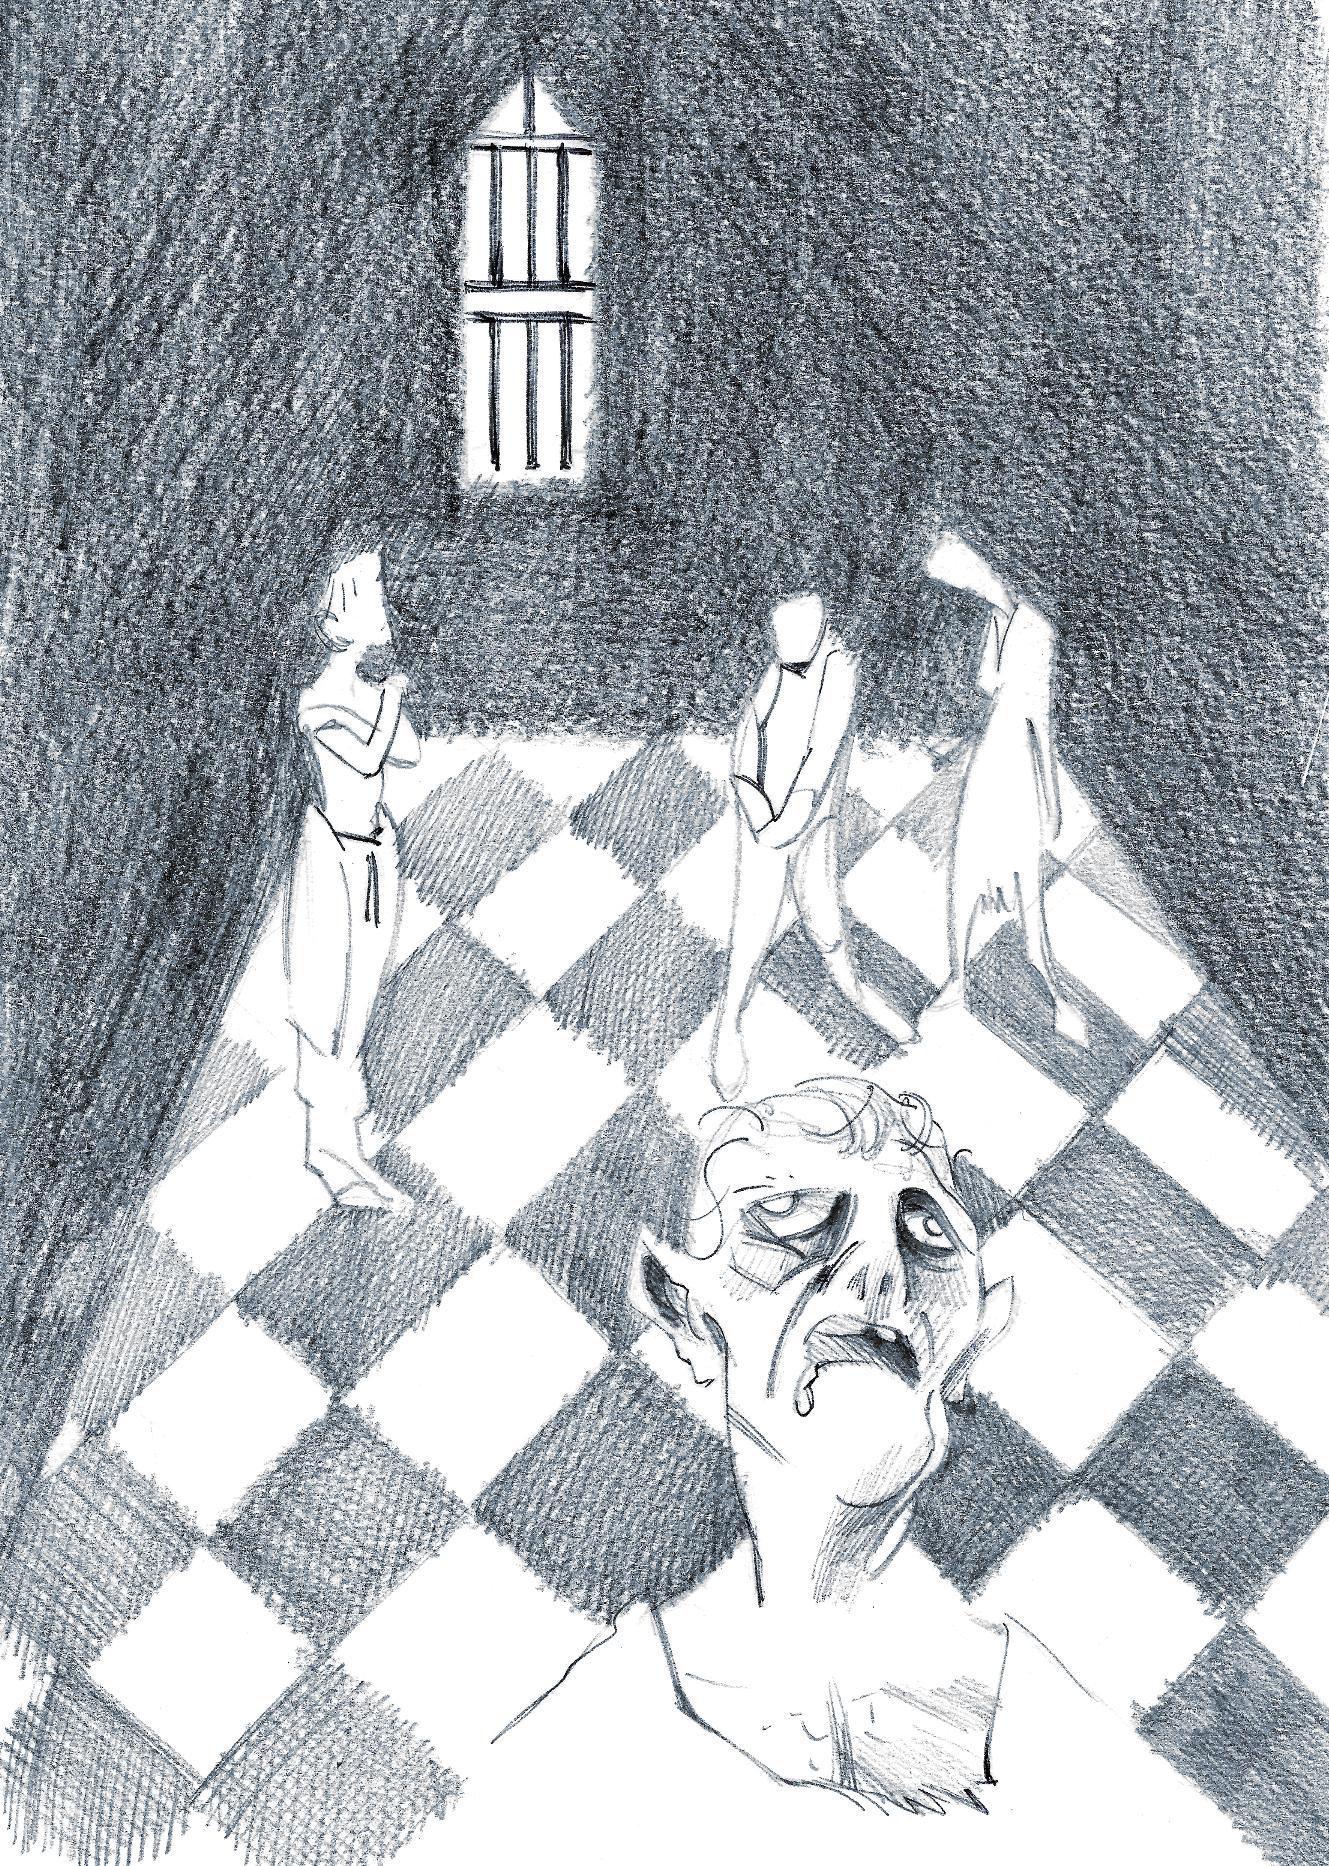 Disegno di Alessio Maggioni - Diritti riservati